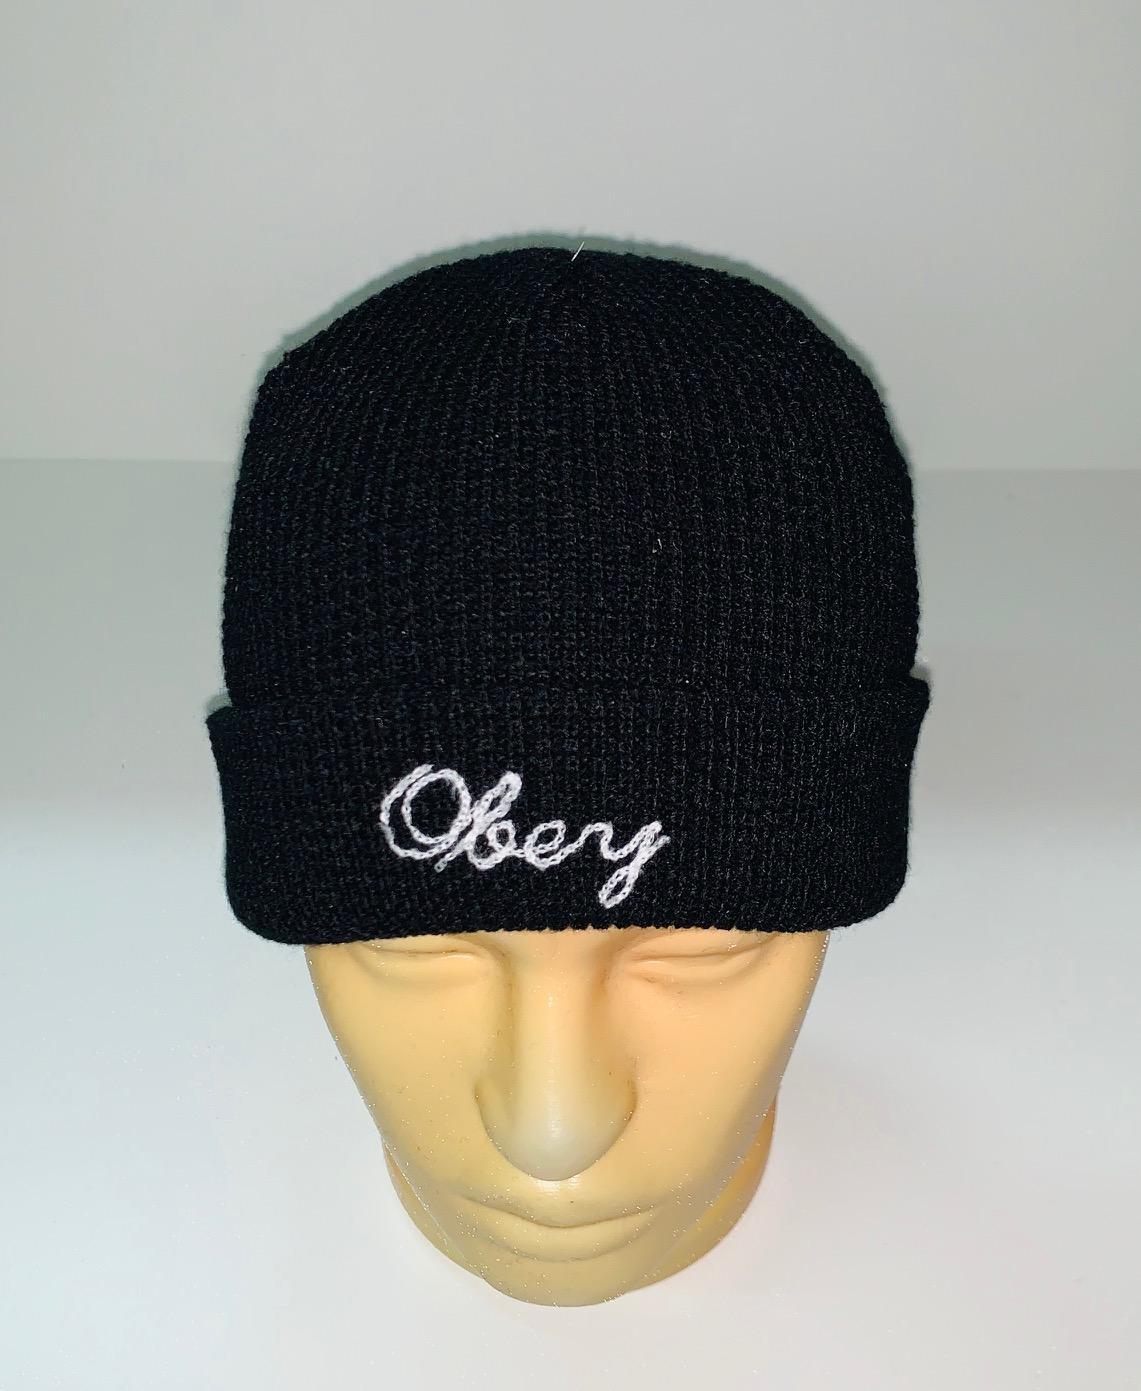 Угольно-черная шапка с белой надписью